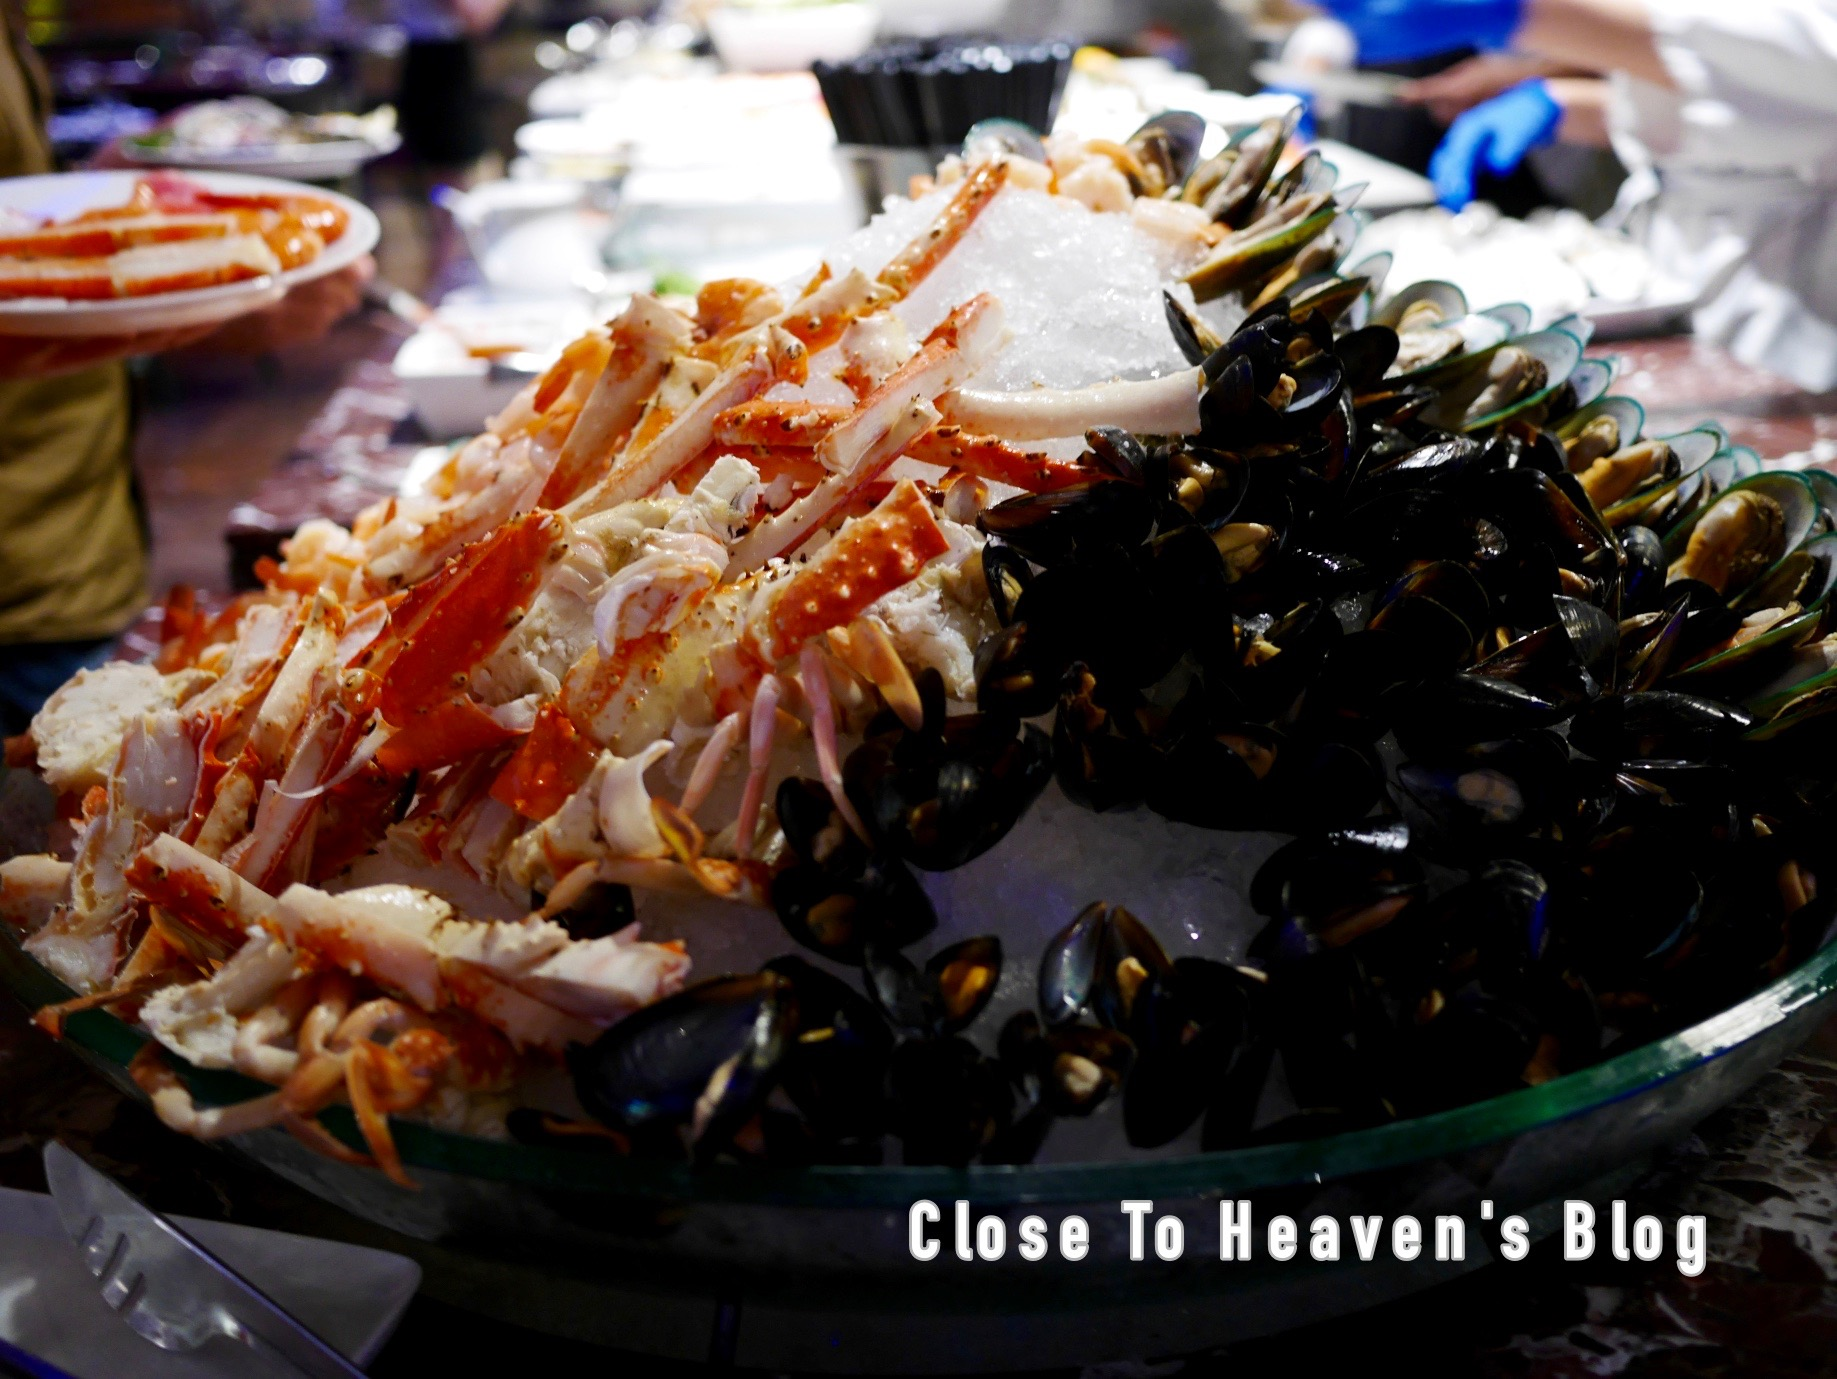 ###   บุฟเฟ่ต์อาหารนานาชาติ Flavors Renaissance ราชประสงค์   ###